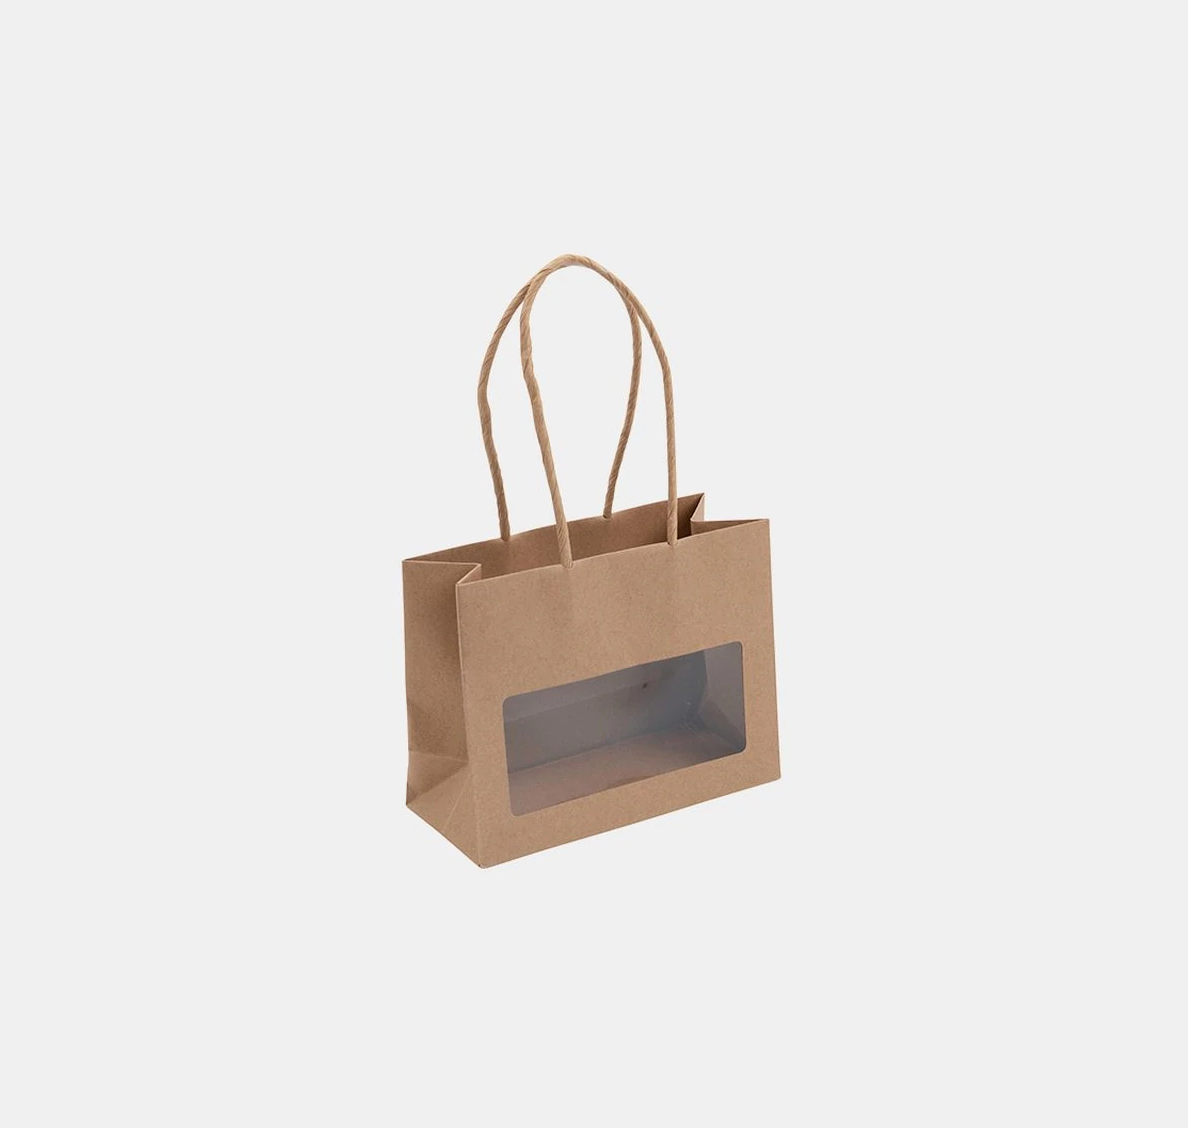 2 x ~200g Jar Gift Bag Set